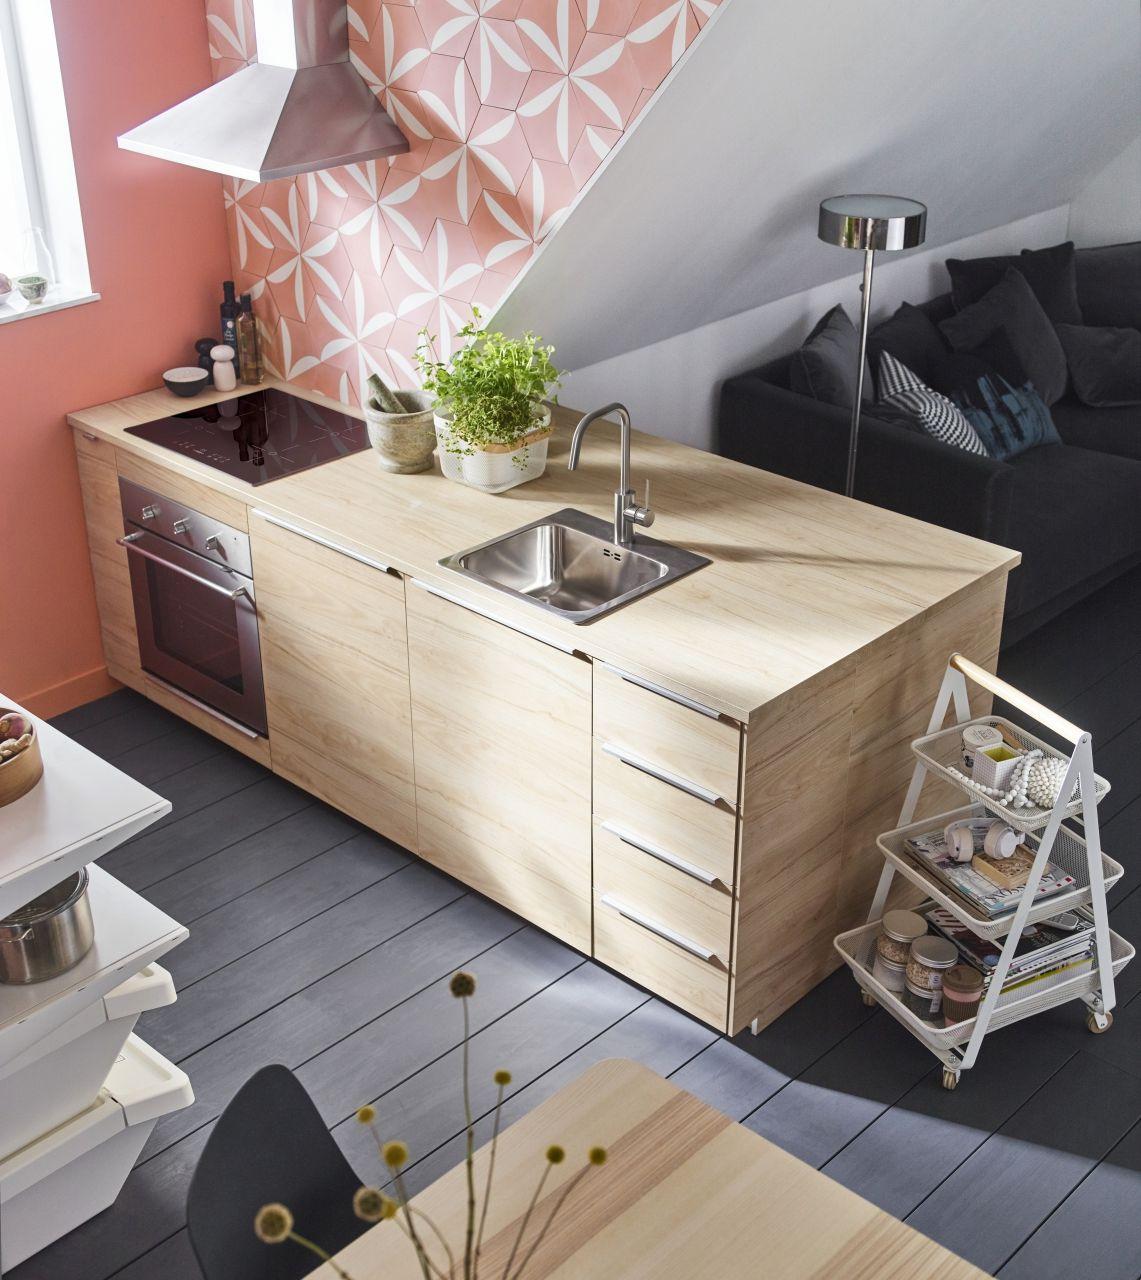 Ikea Piano Di Lavoro Cucina.Ekbacken Piano Di Lavoro Effetto Frassino Laminato Nel